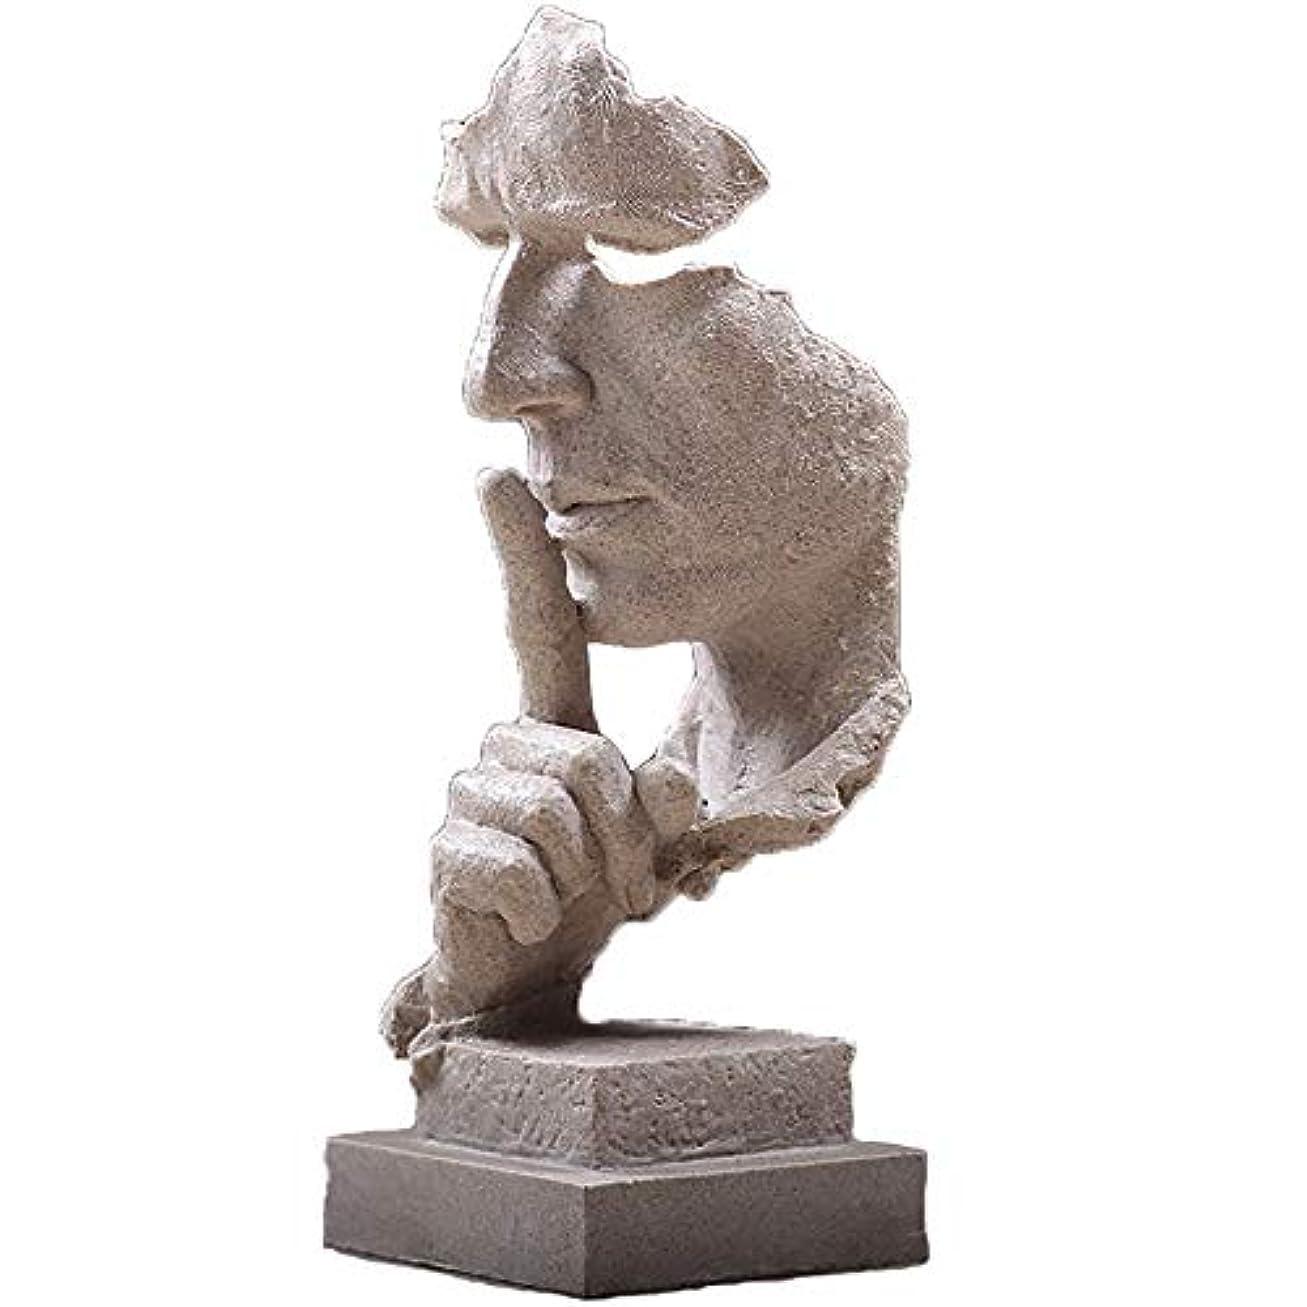 不屈生産性かび臭い樹脂抽象彫刻沈黙はゴールデン男性像キャラクター工芸品装飾用オフィスリビングルームアートワーク,White